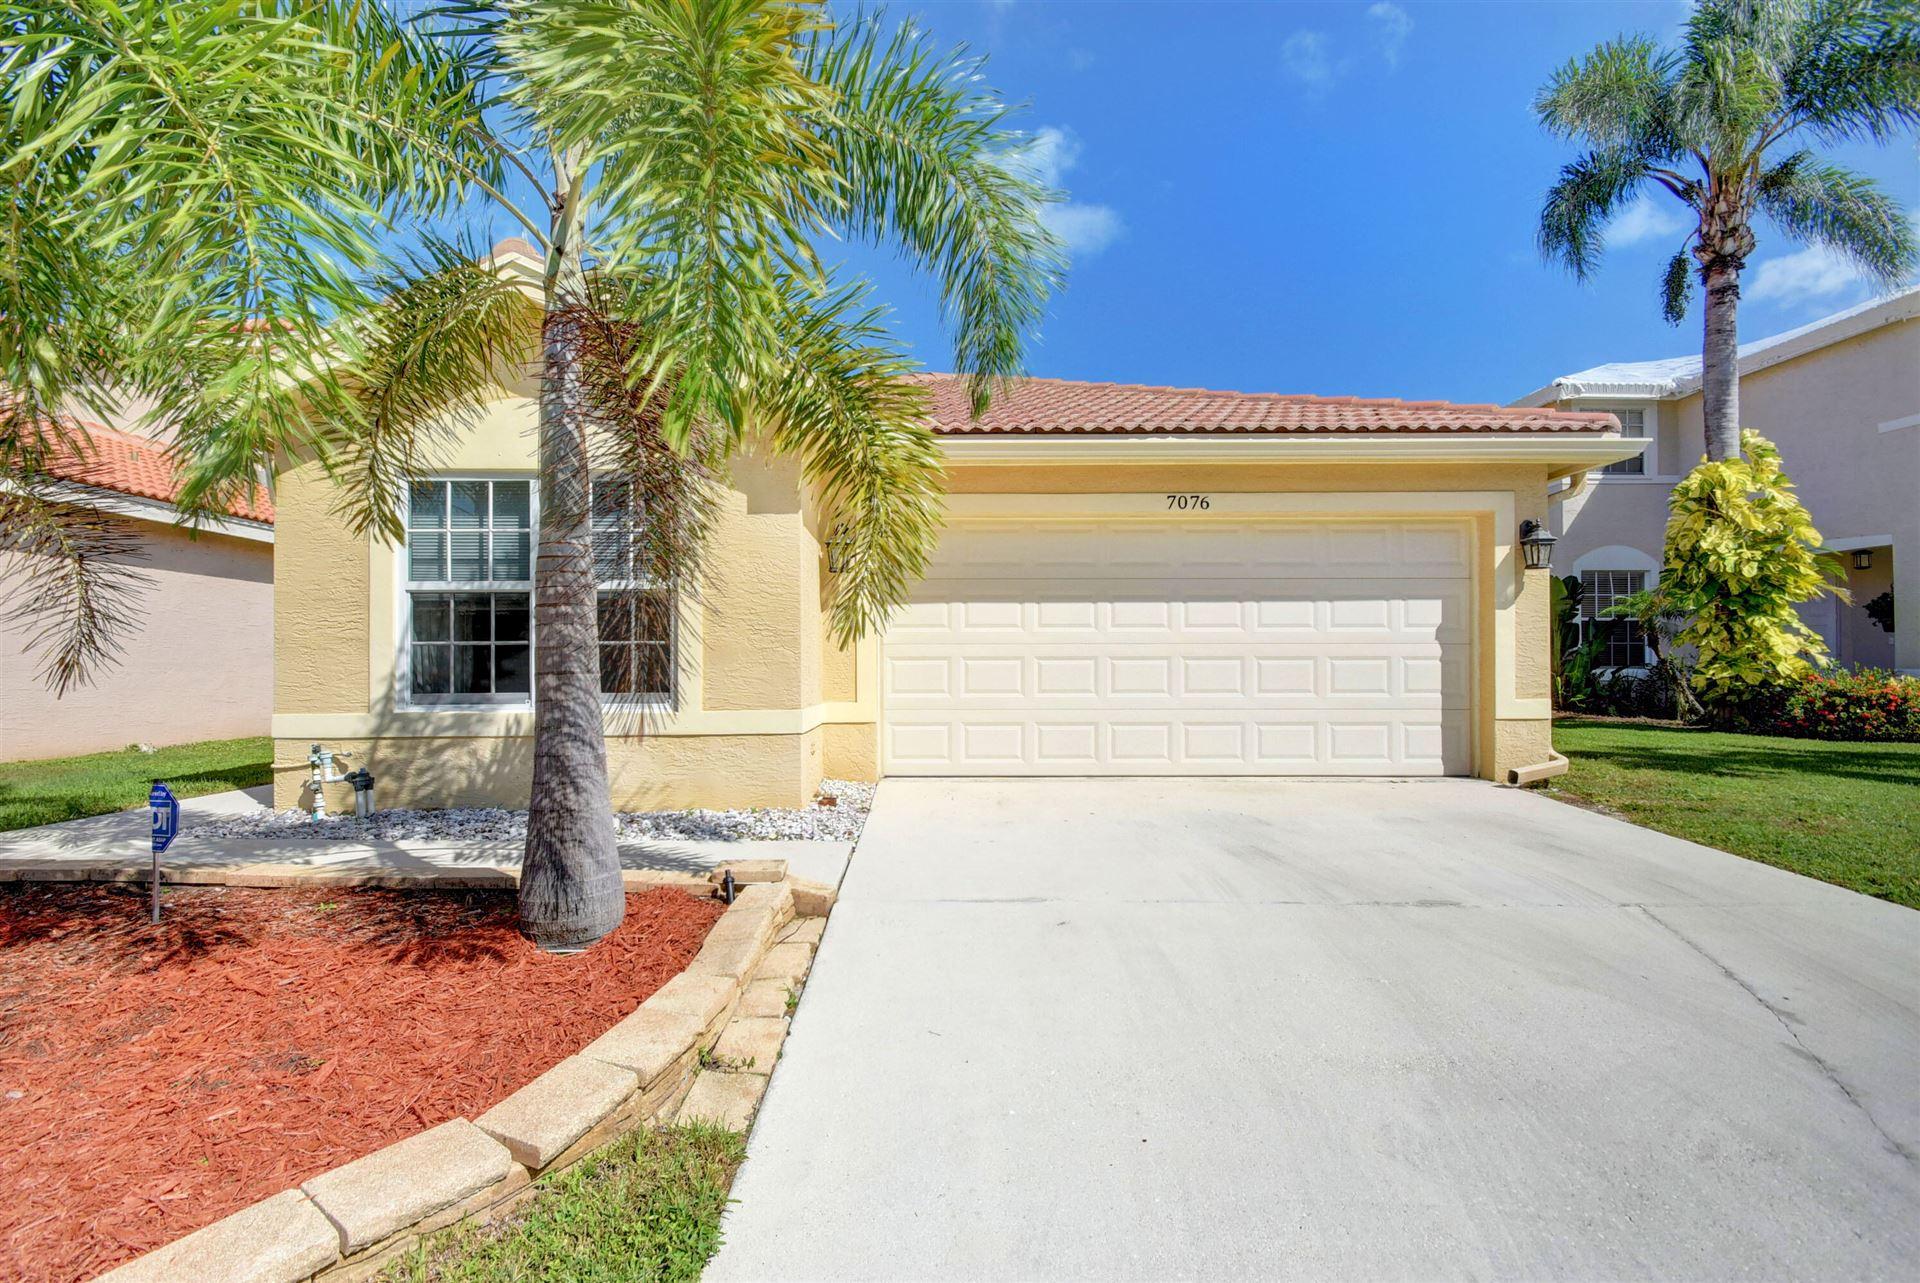 7076 Middlebury Drive, Boynton Beach, FL 33436 - MLS#: RX-10750732